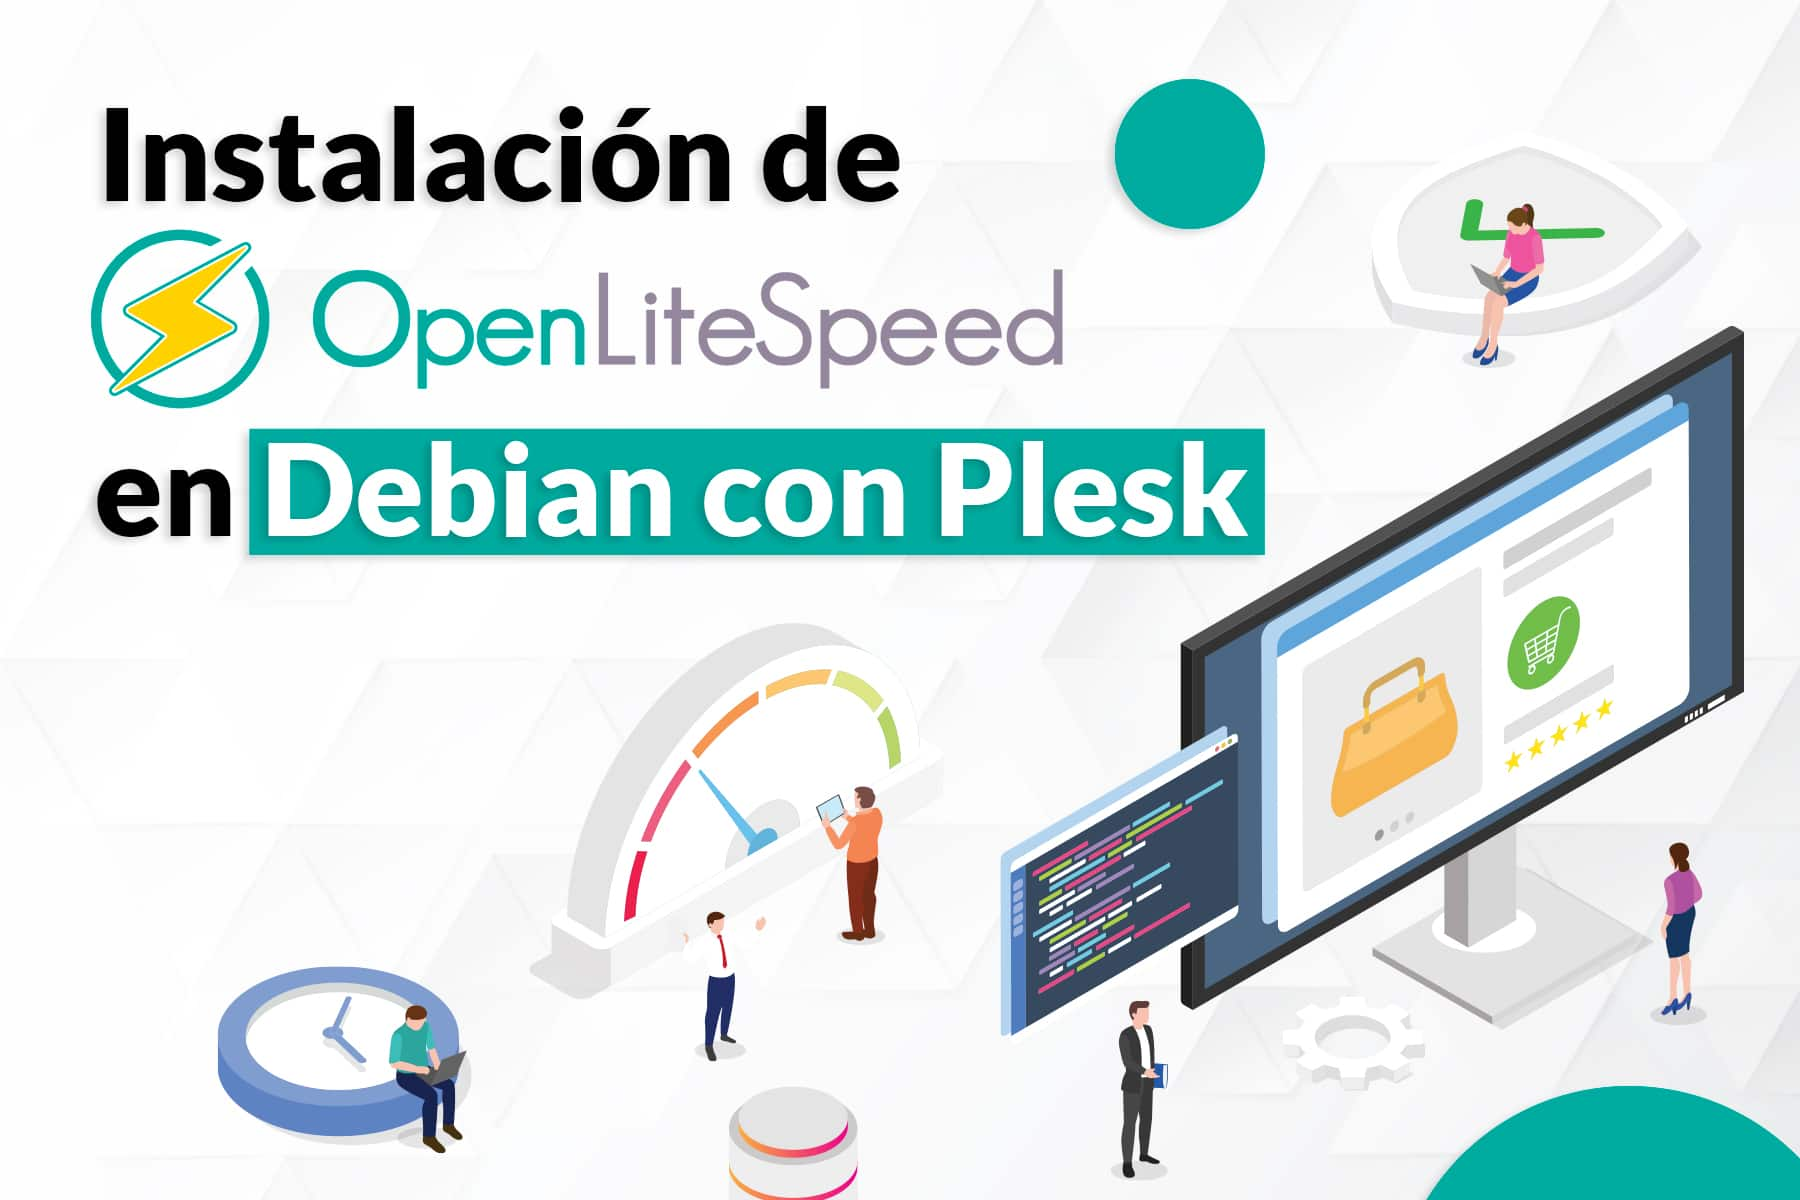 Cómo instalar onpenlitespeed en Debian con Plesk